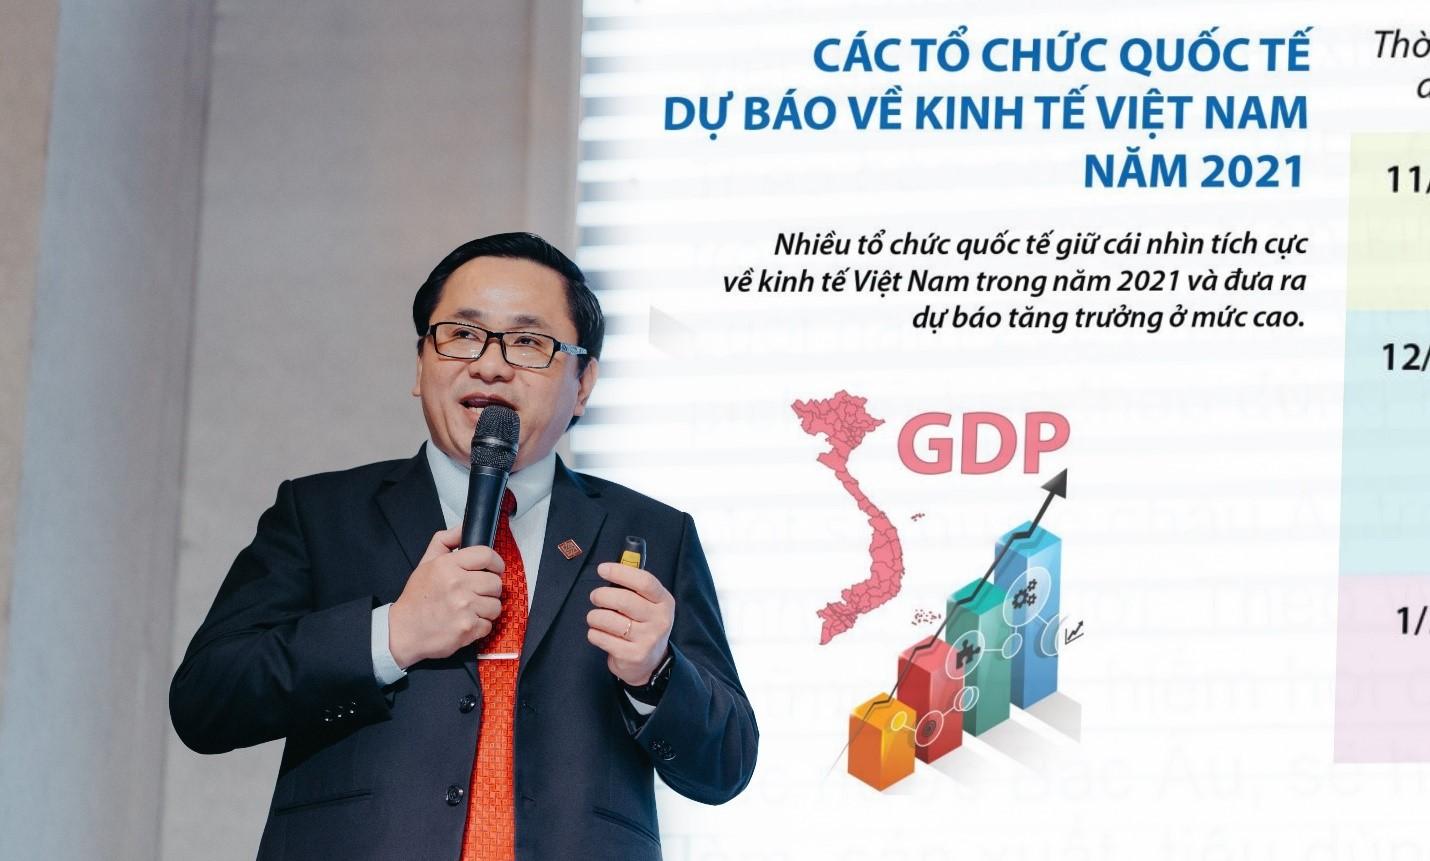 Ông Lê Tiến Vũ – Phó Chủ tịch thường trực HĐQT tập đoàn chia sẻ về tình hình kinh tế vĩ mô